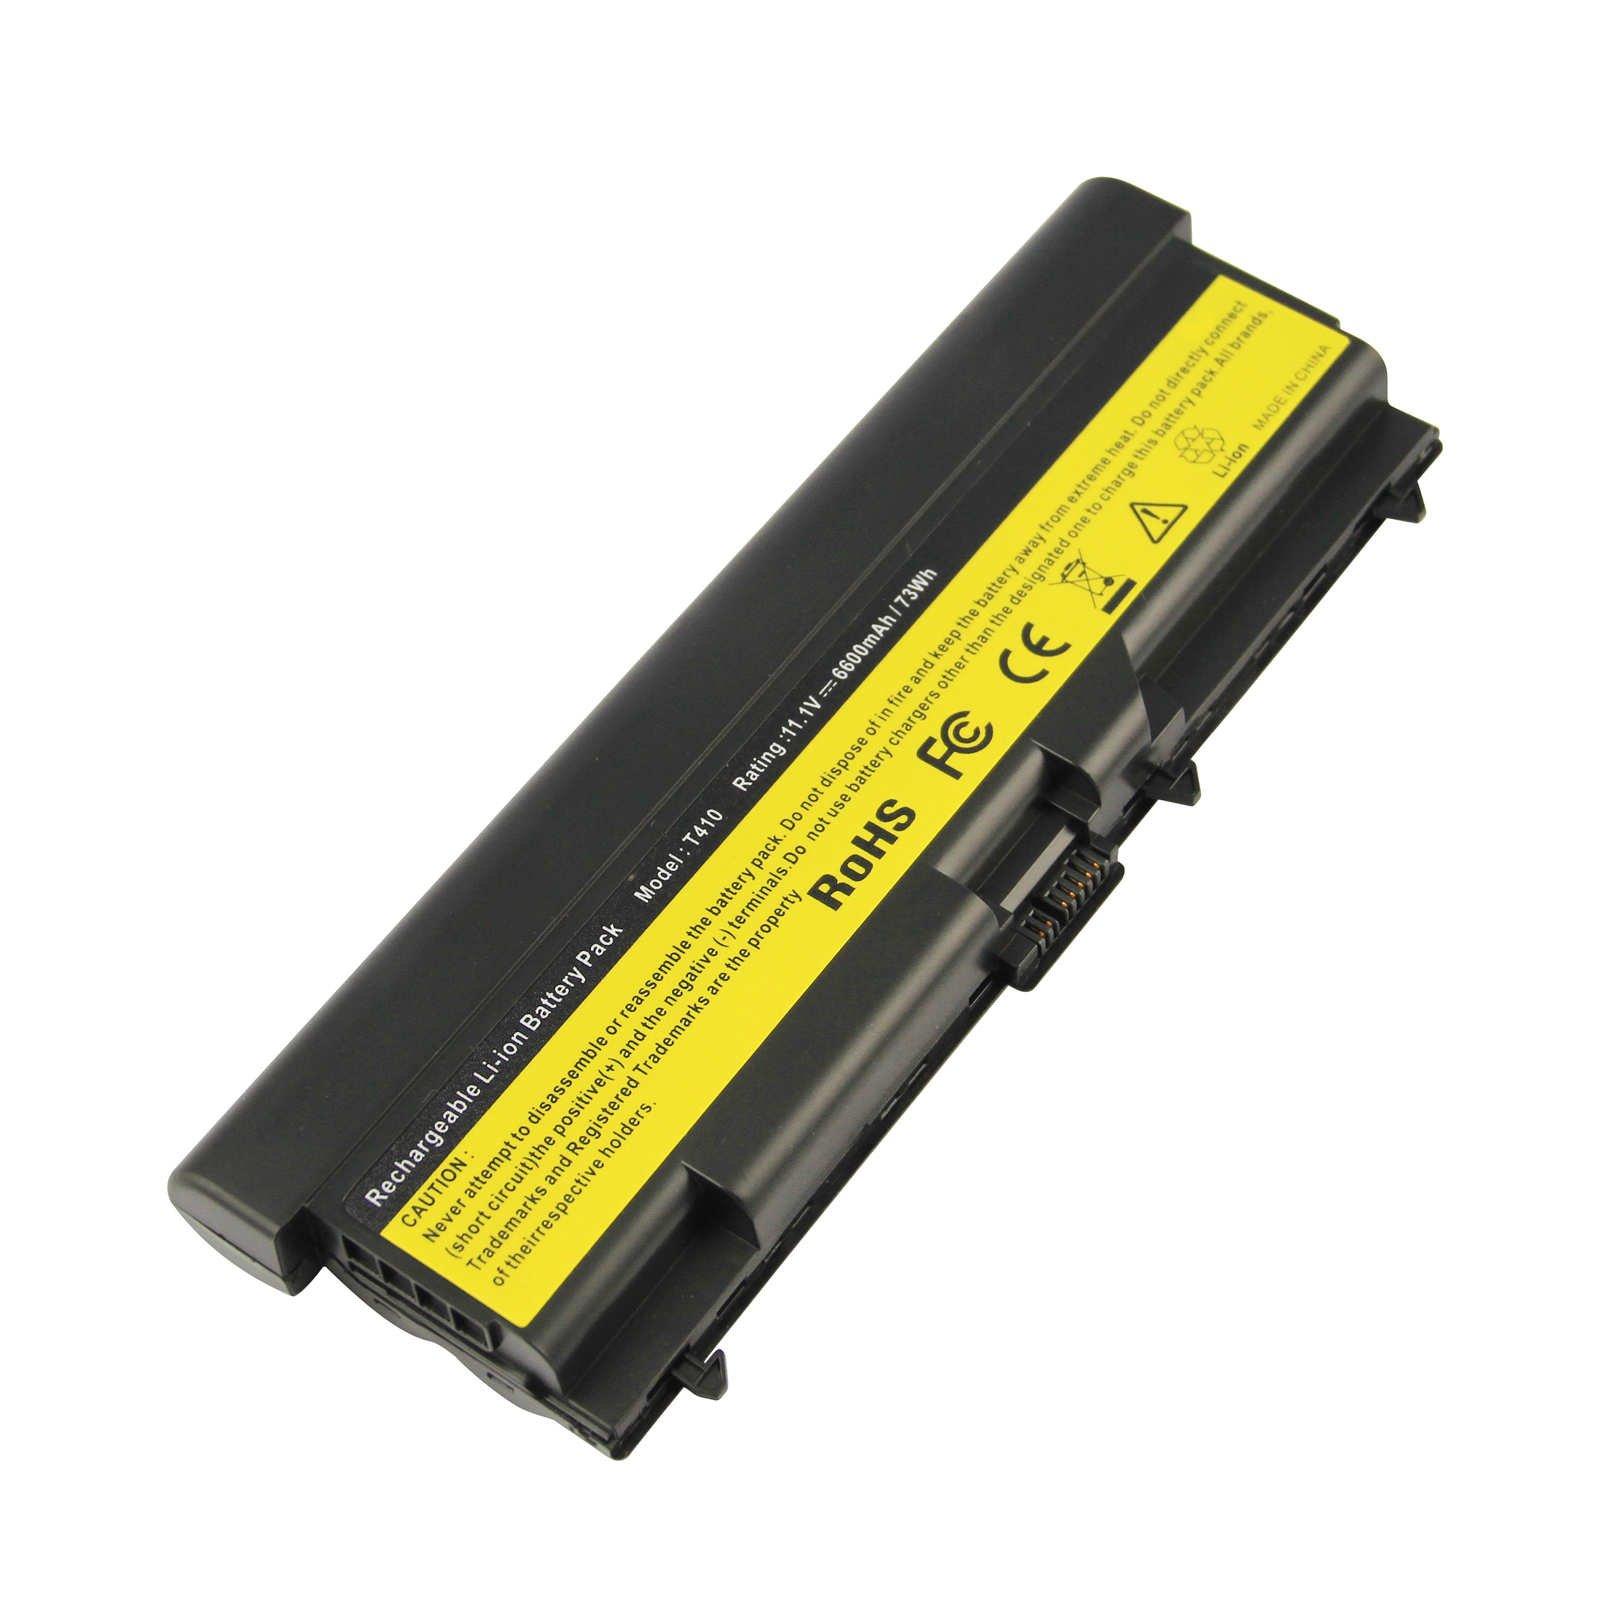 Bateria 9 Celdas Extended Life Para Lenovo Thinkpad E40 E50 L410 L412 L420 L421 L510 L512 L520 T410 T420 T510 T520 W510